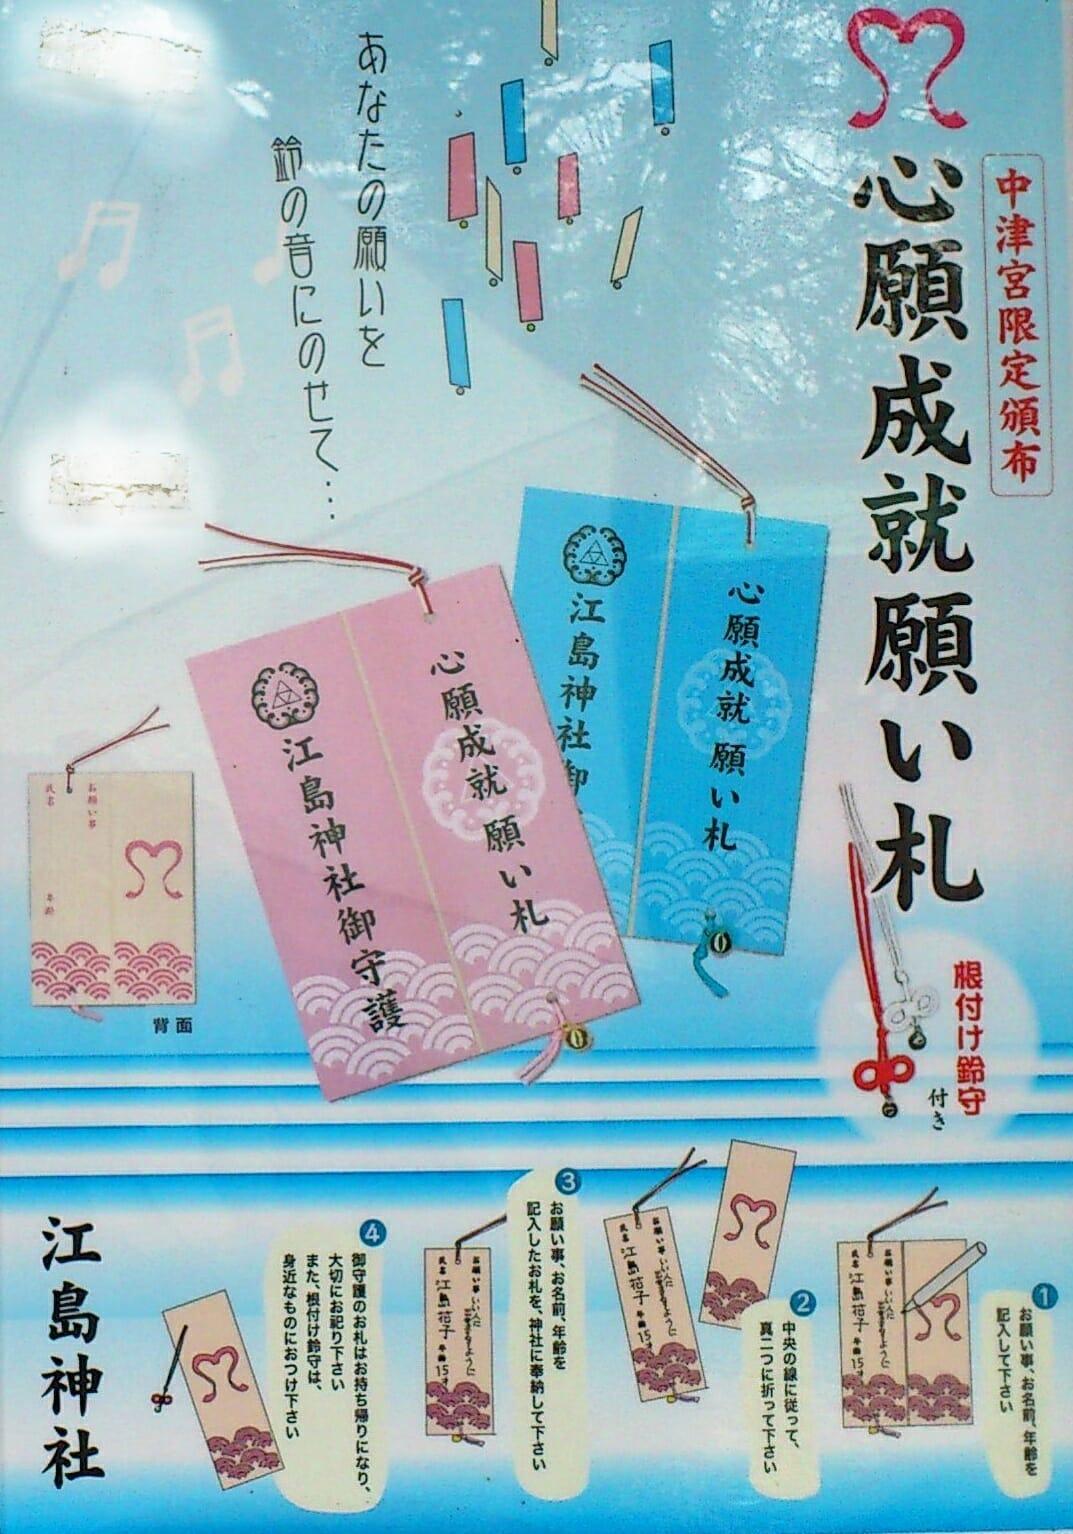 江ノ島神社の心願成就願い札